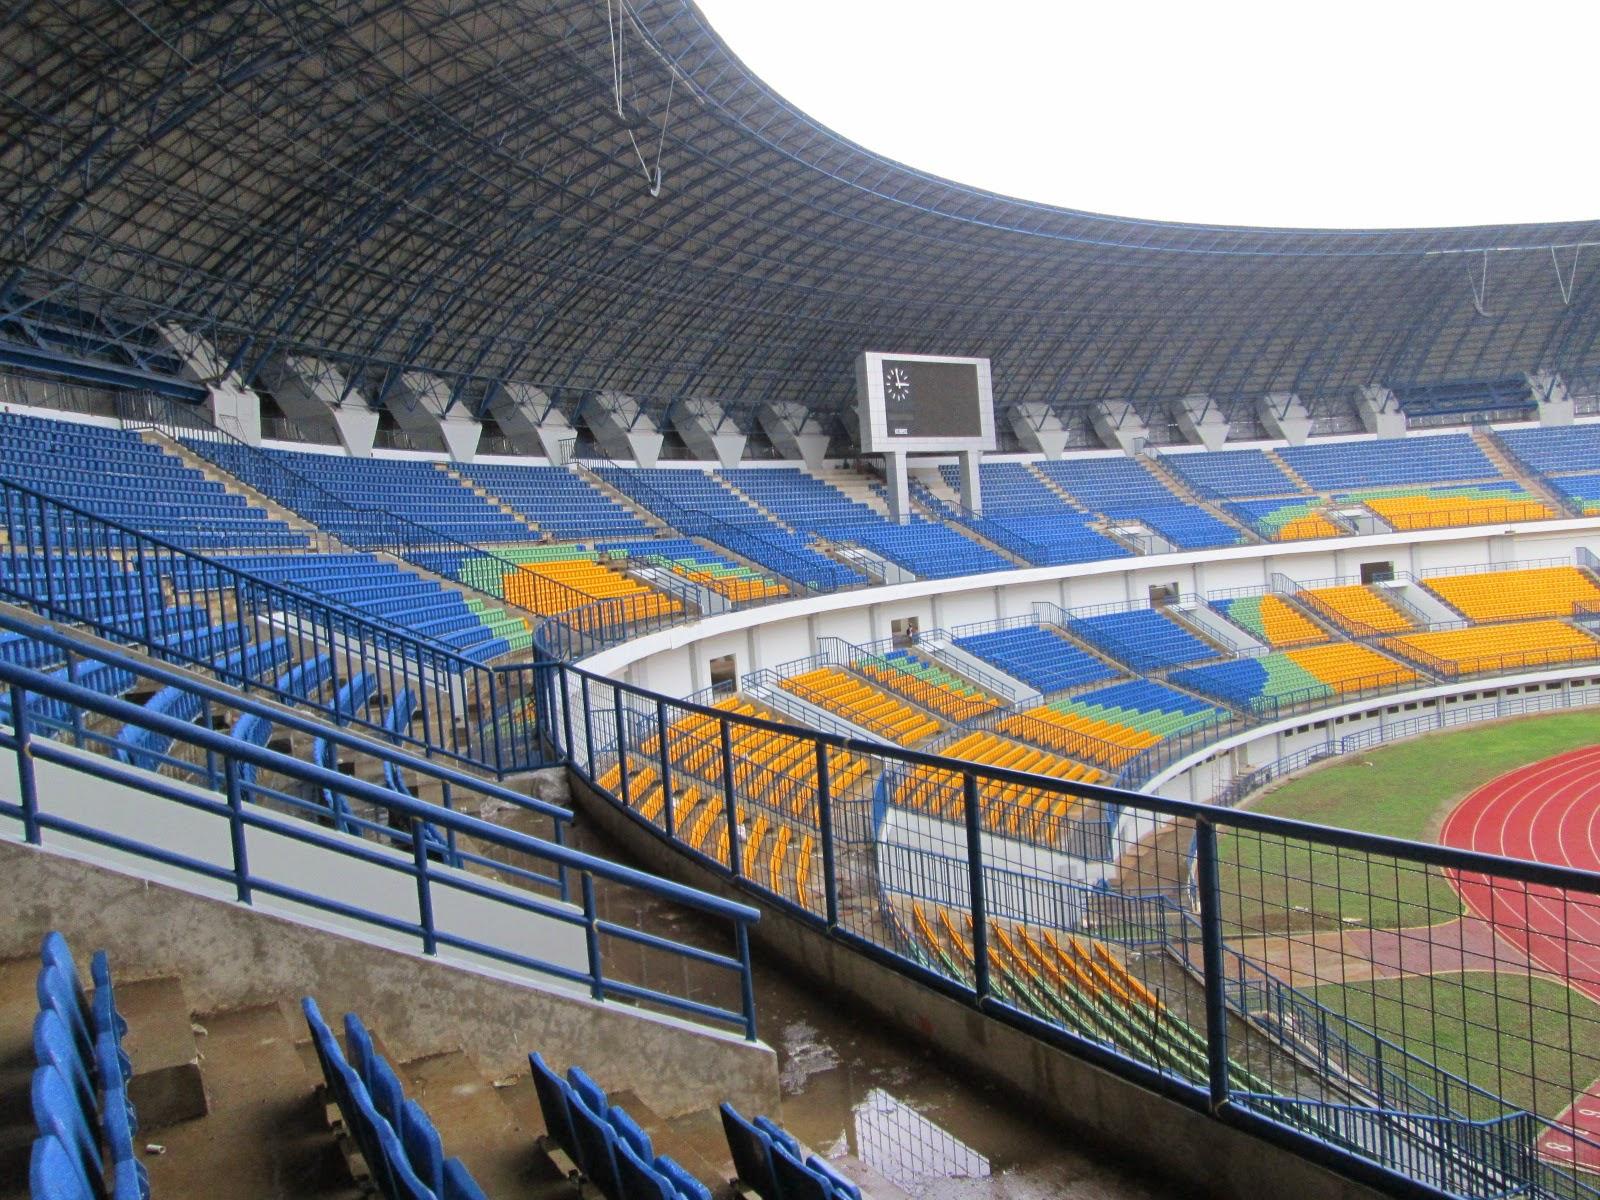 MANDOR: Kursi Tribun Stadion Gedebage